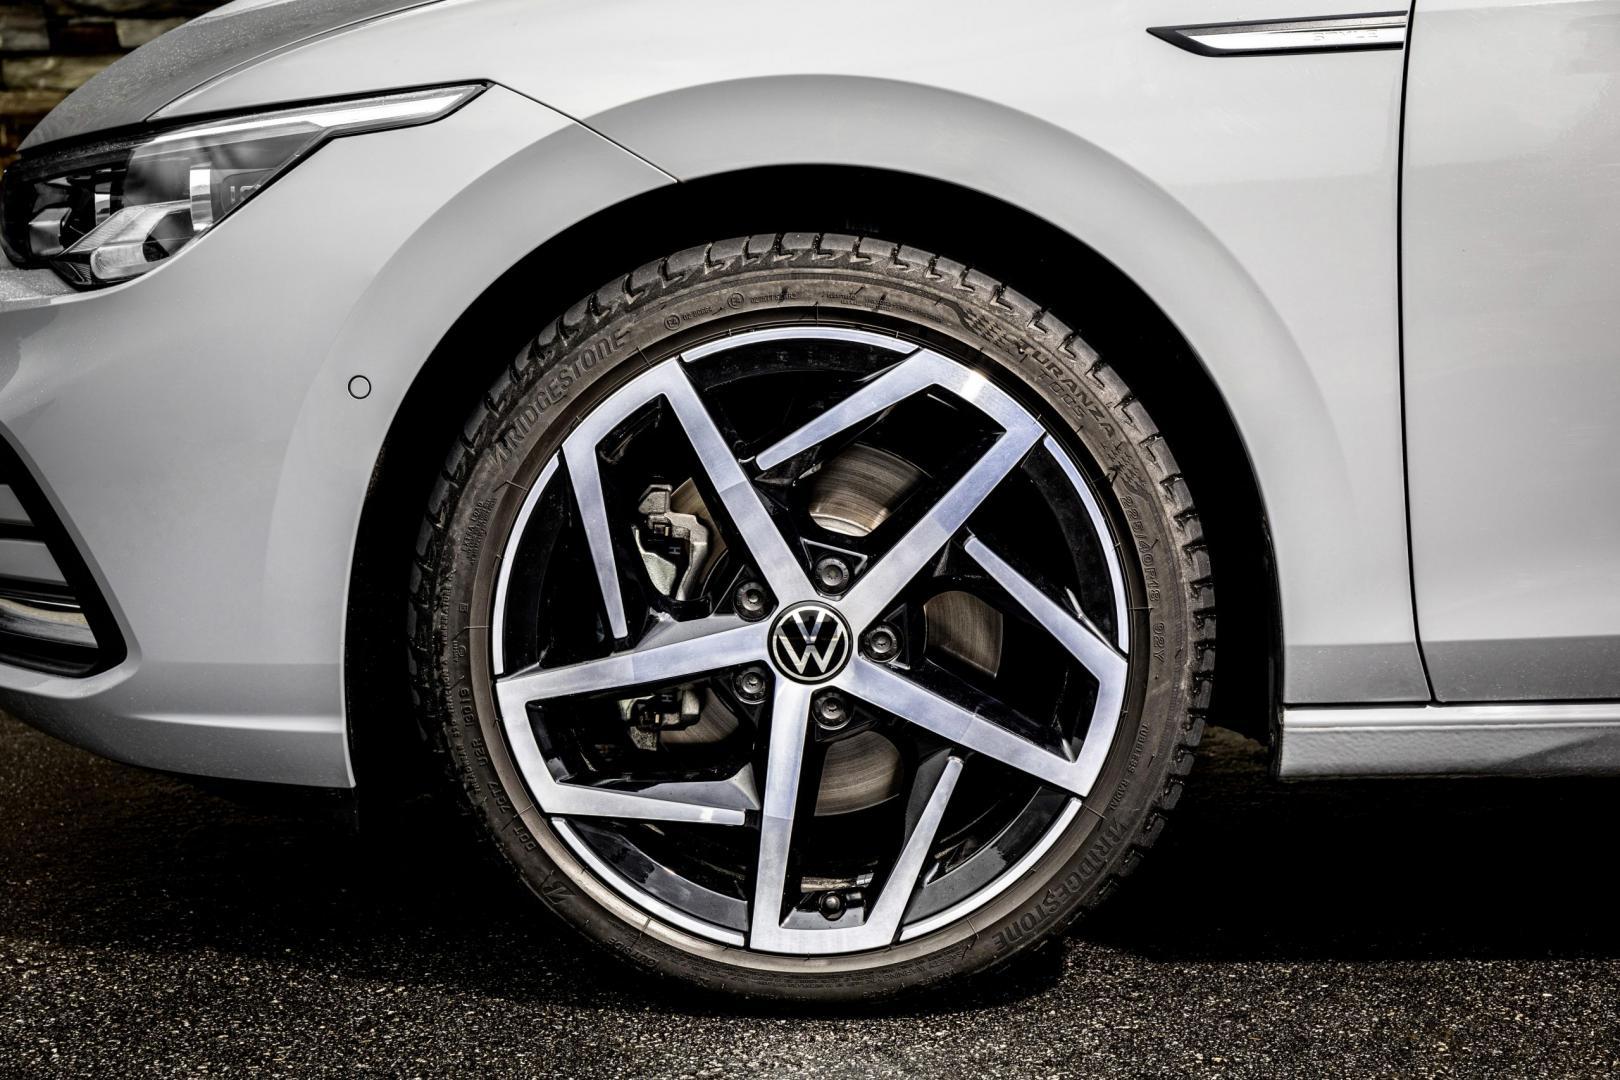 Volkswagen Golf 8 Volkswagen Golf 8 Grijs 1.5 TSIeGrijs 1.5 TSIe